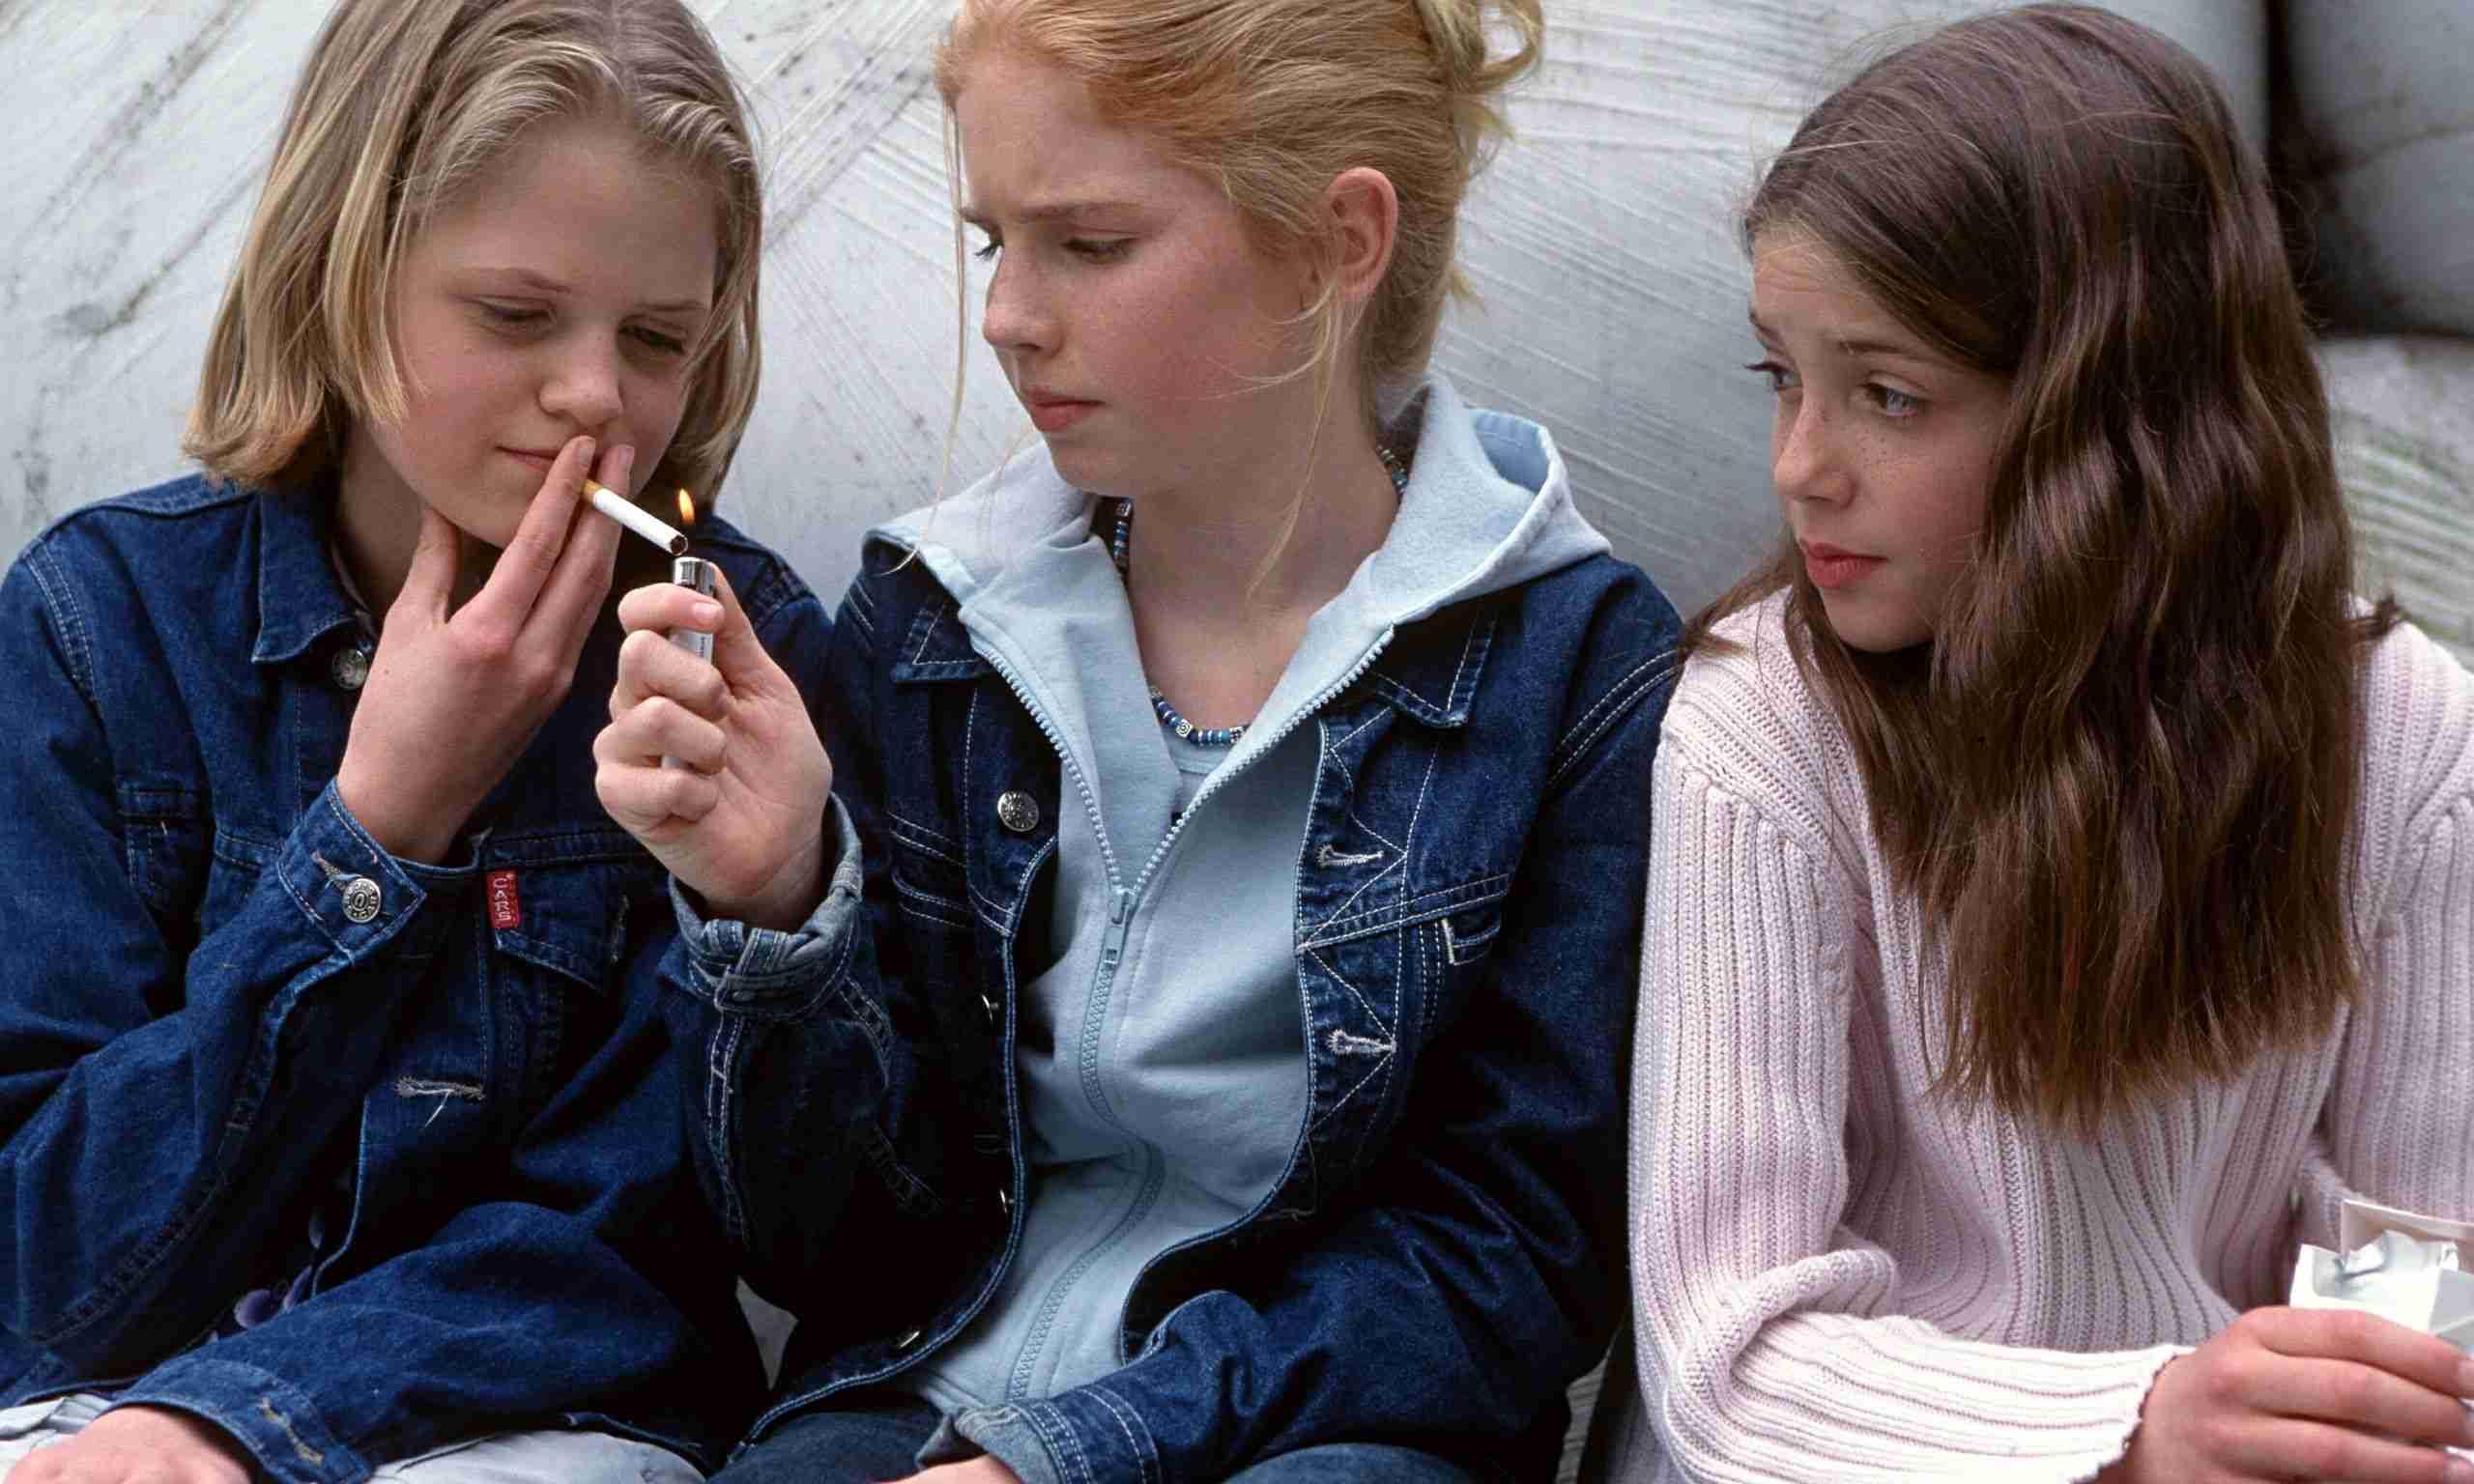 povećanje cijena uticalo na smanjenje broja pušača među školskom djecom